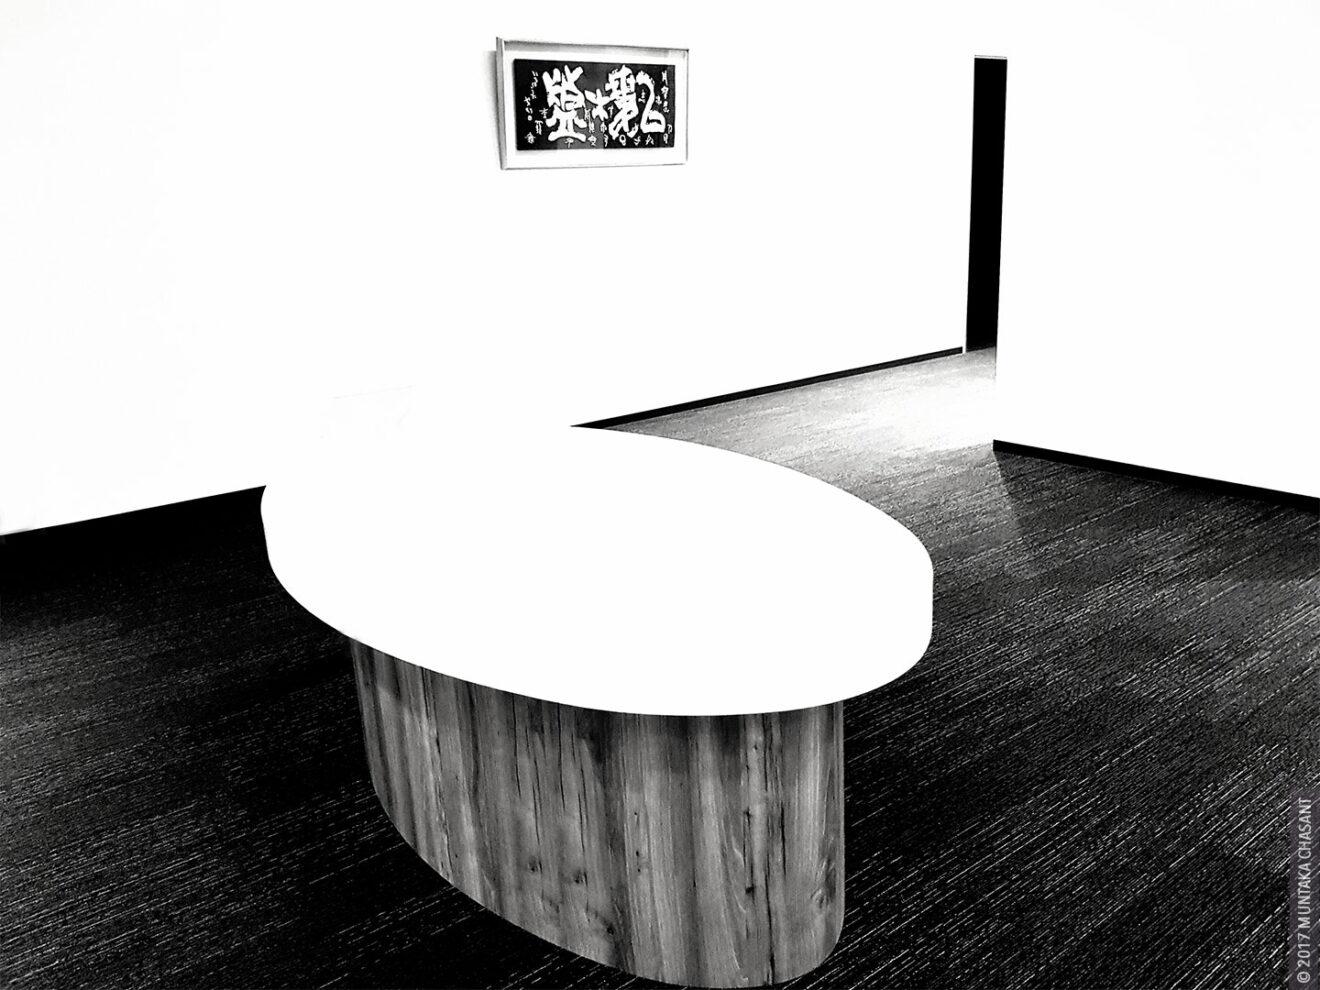 Kanji Museum and Library, Kyoto, Japan, by Muntaka Chasant